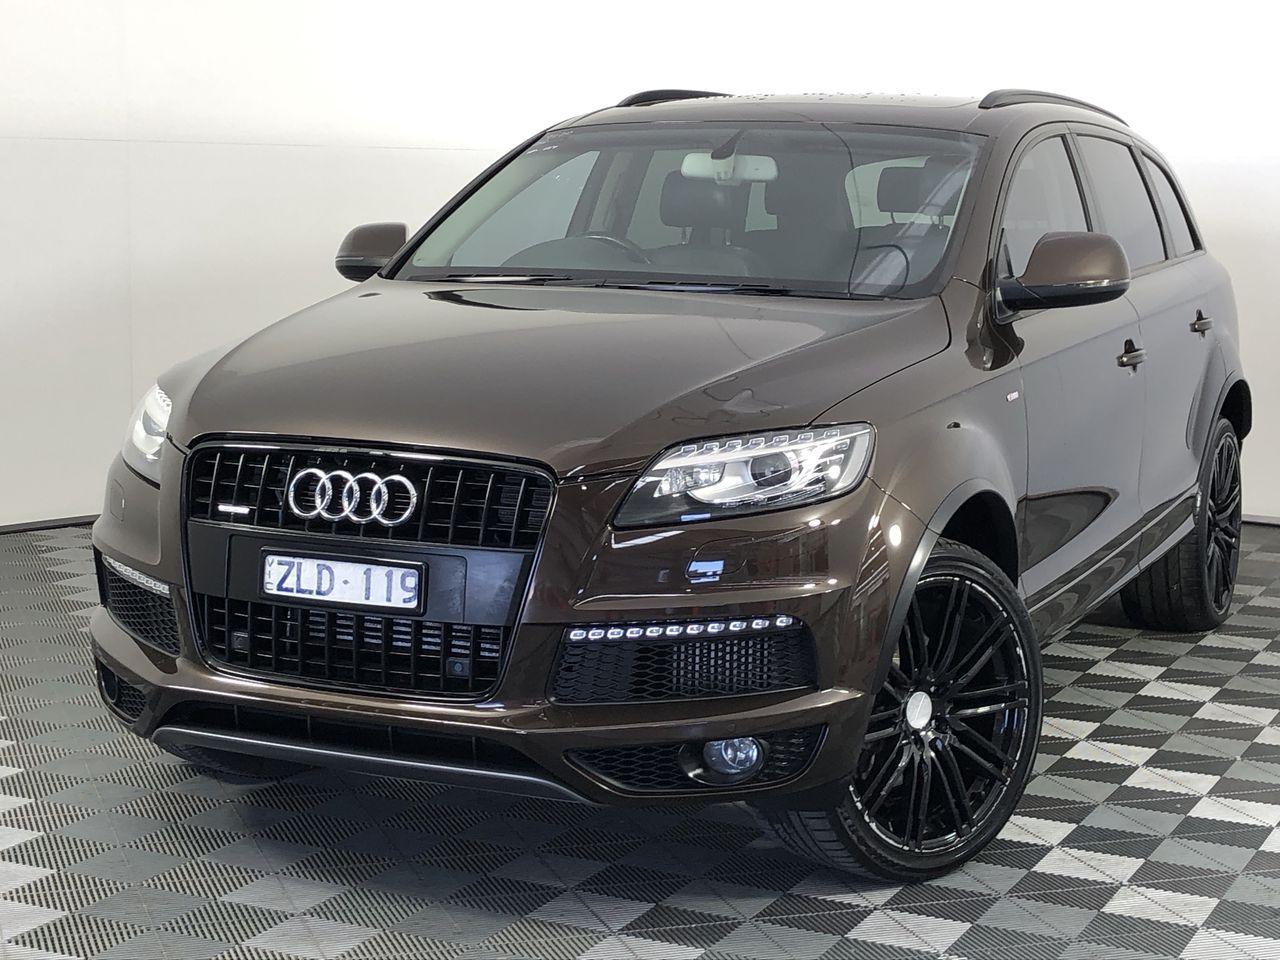 2012 Audi Q7 3.0 TDI quattro Turbo Diesel Automatic - 8 Speed 7 Seats Wagon